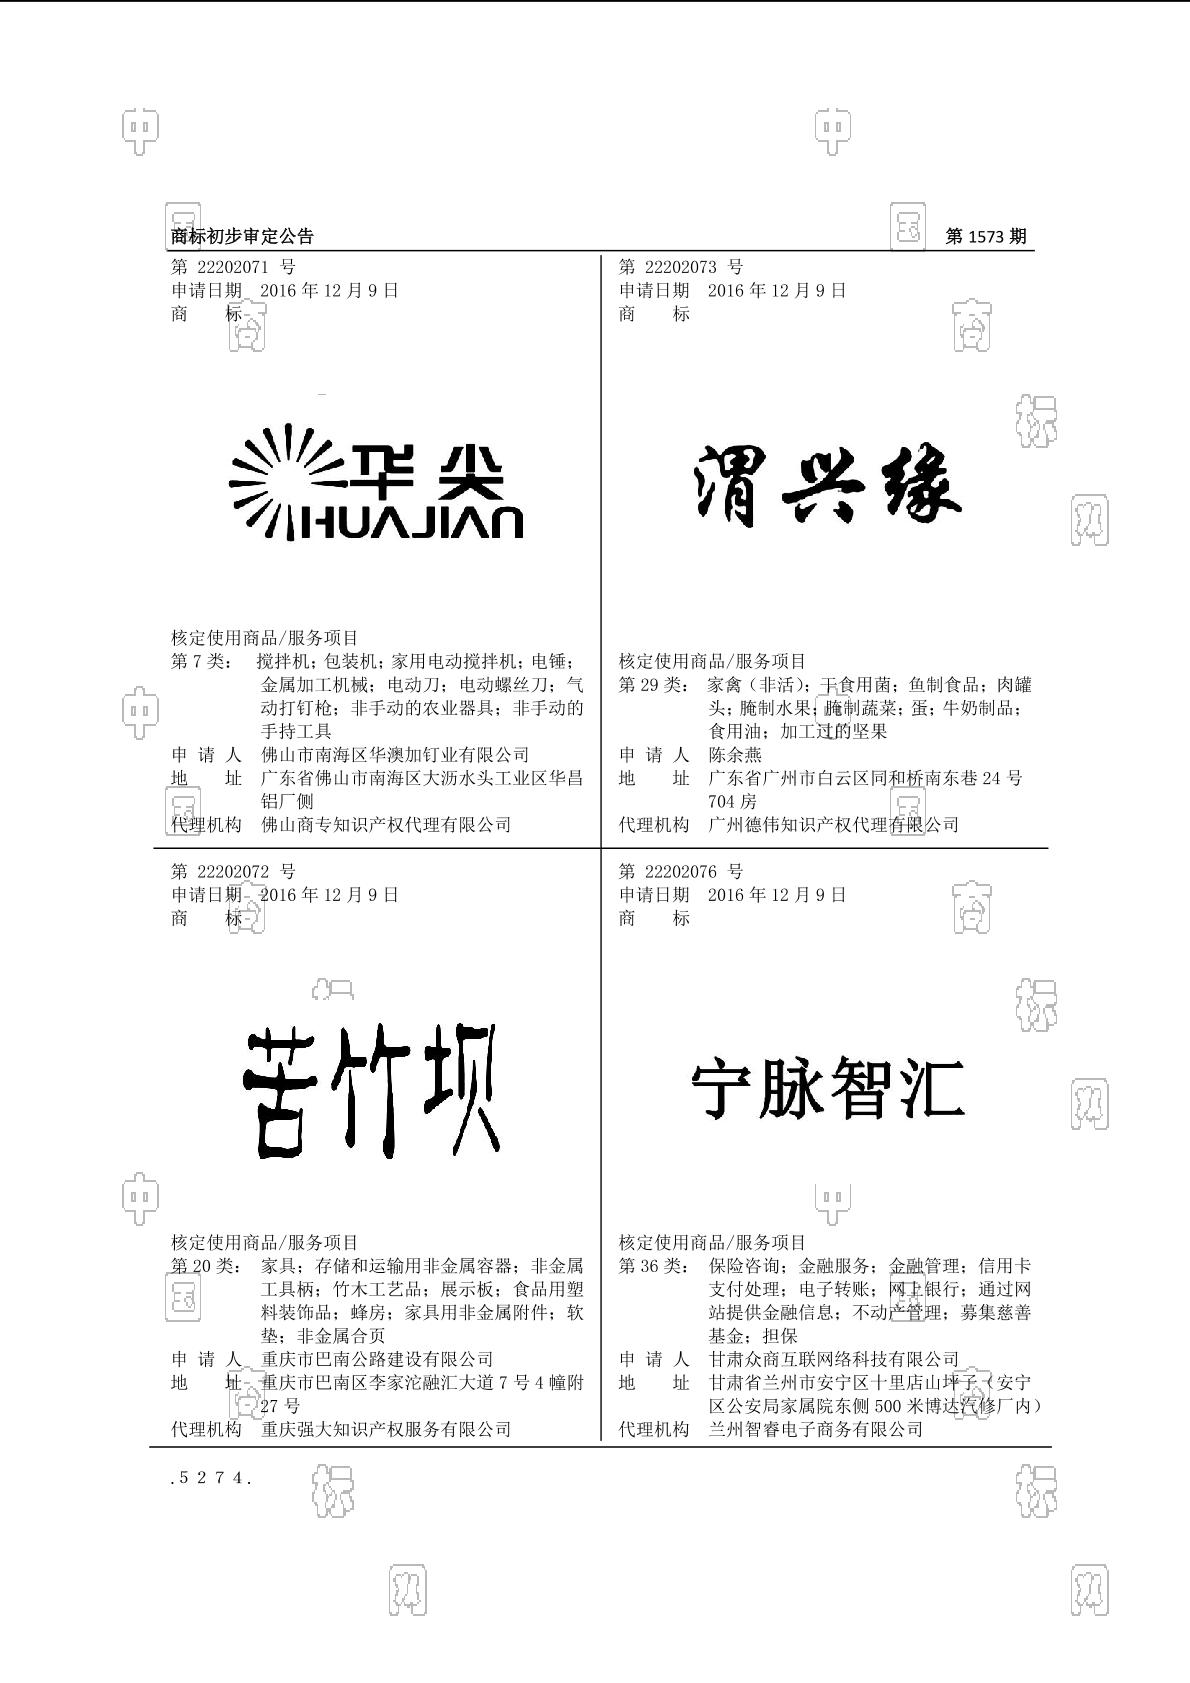 【社标网】渭兴缘商标状态注册号信息 陈余燕商标信息-商标查询